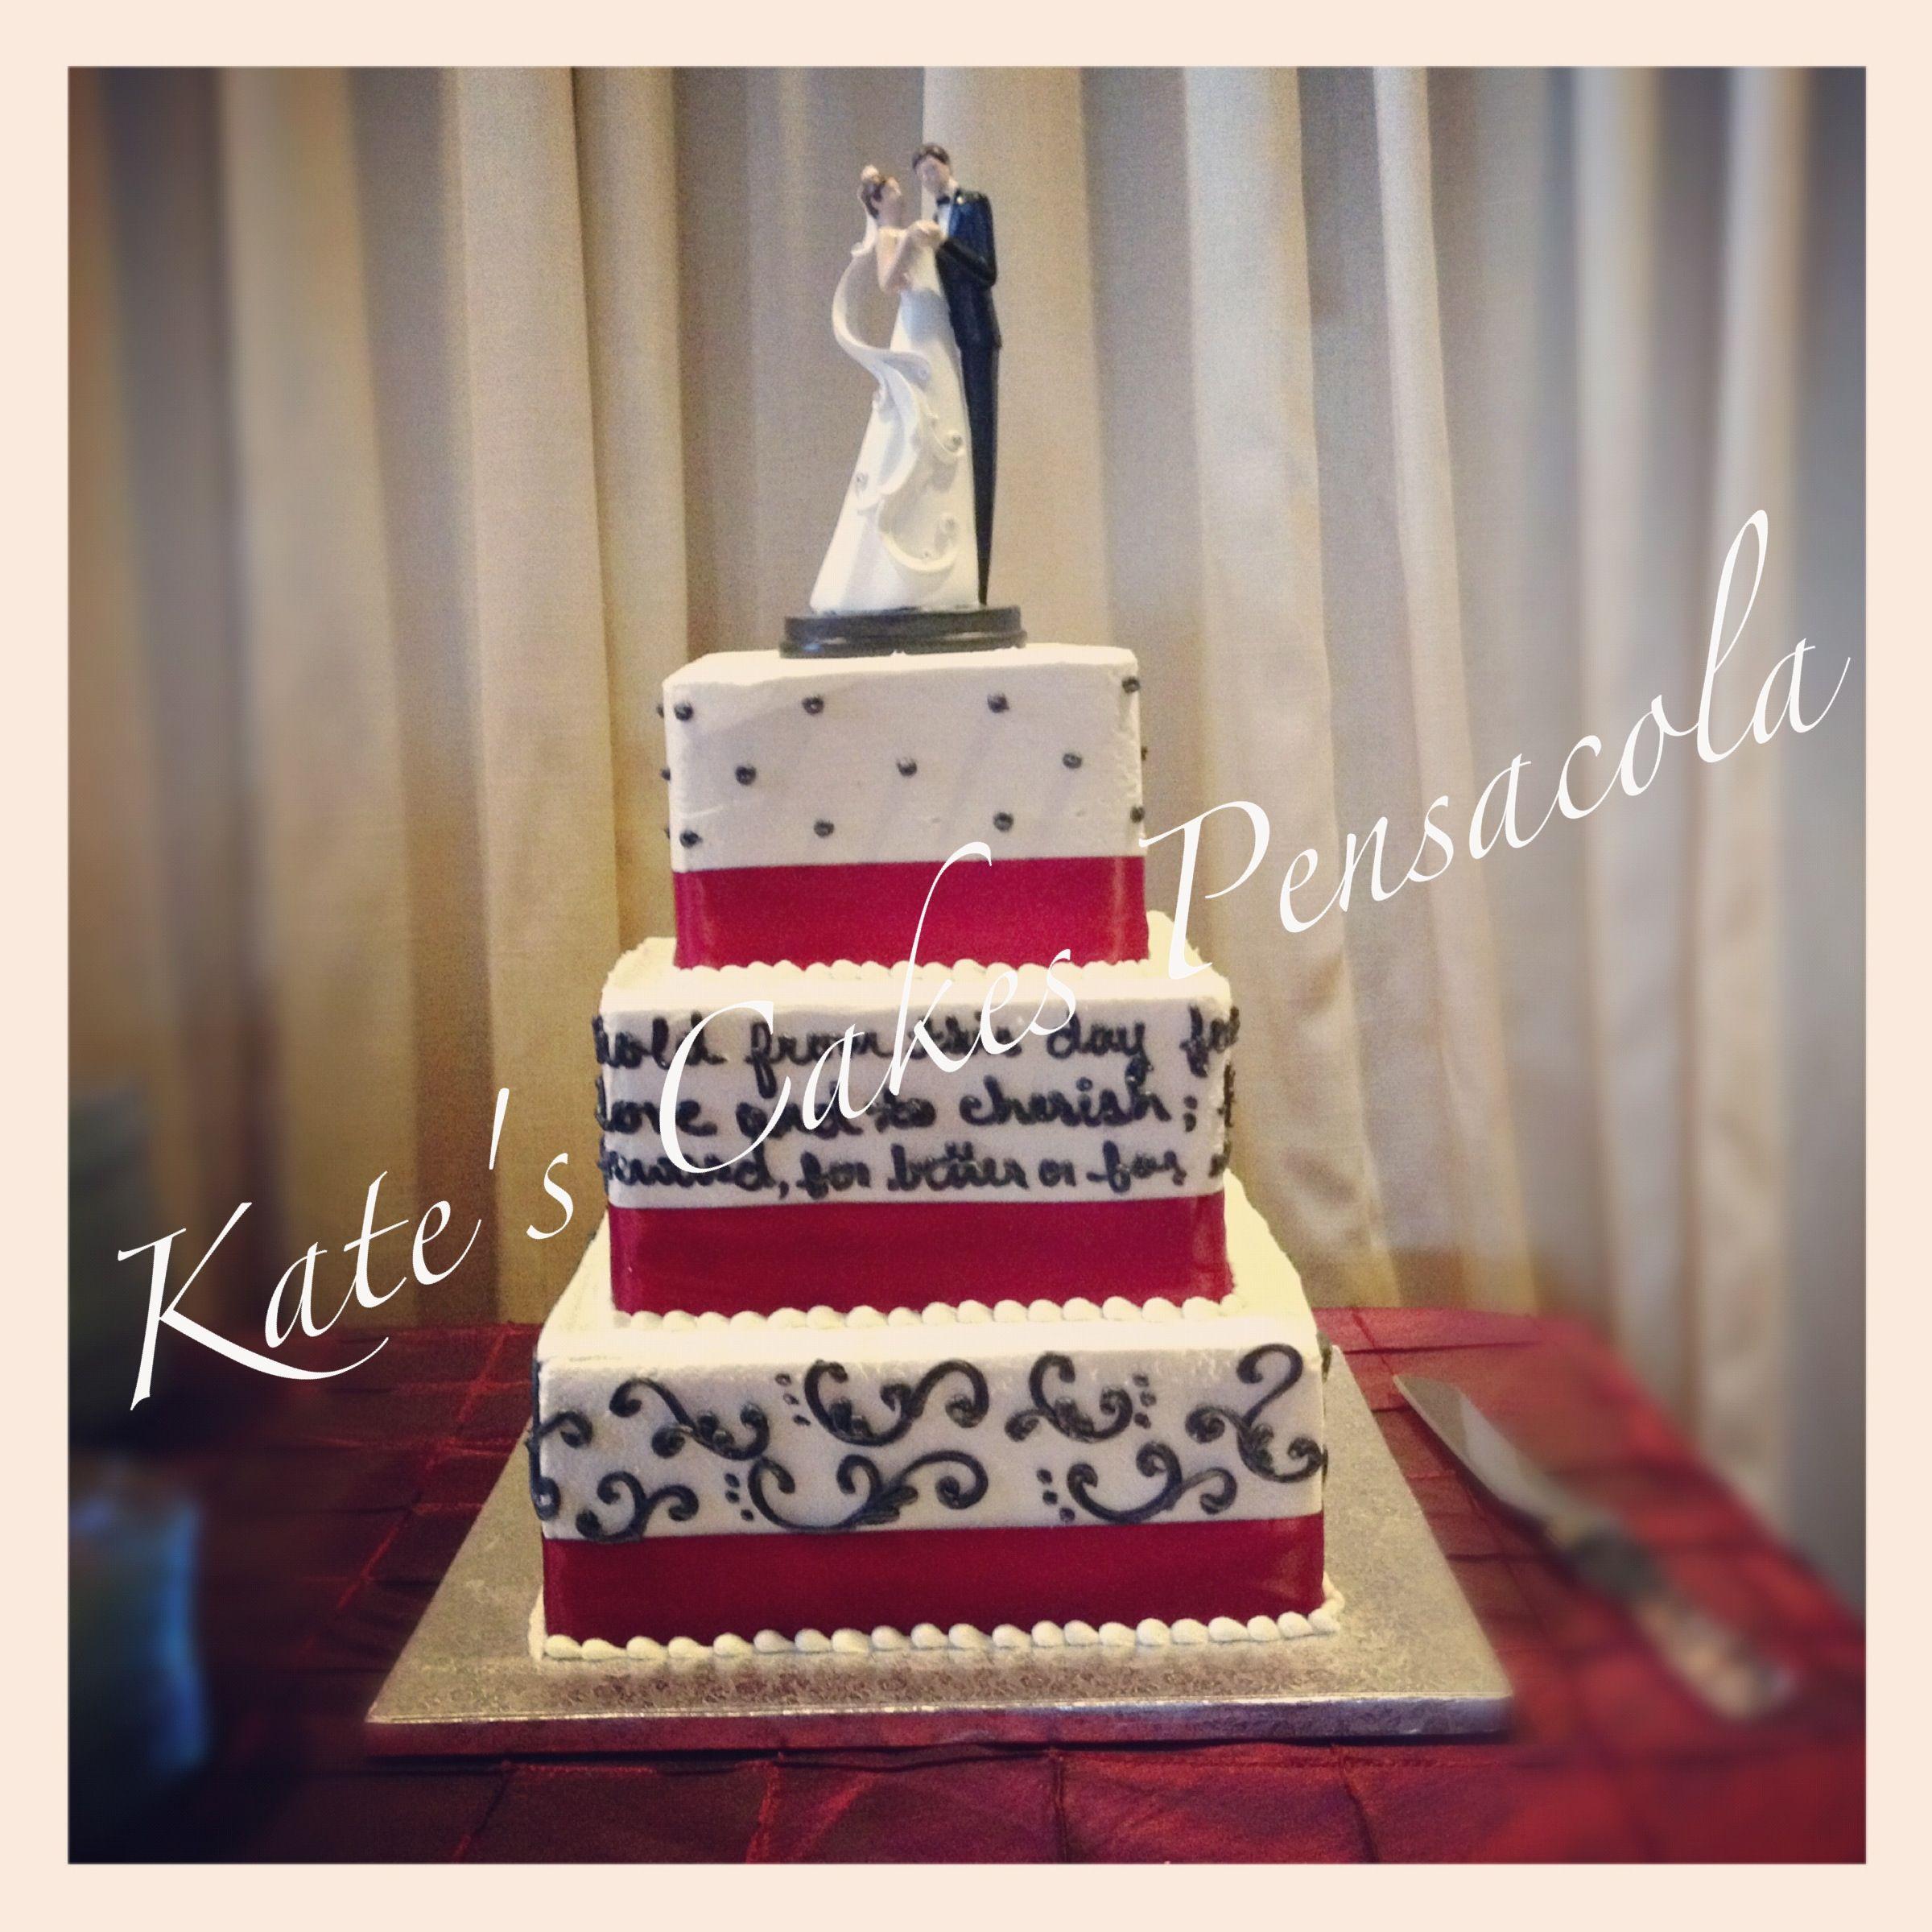 Wedding Cake 3 Tiered Square Buttercream Vows Written On Side Kates Cakes Pensacola FL